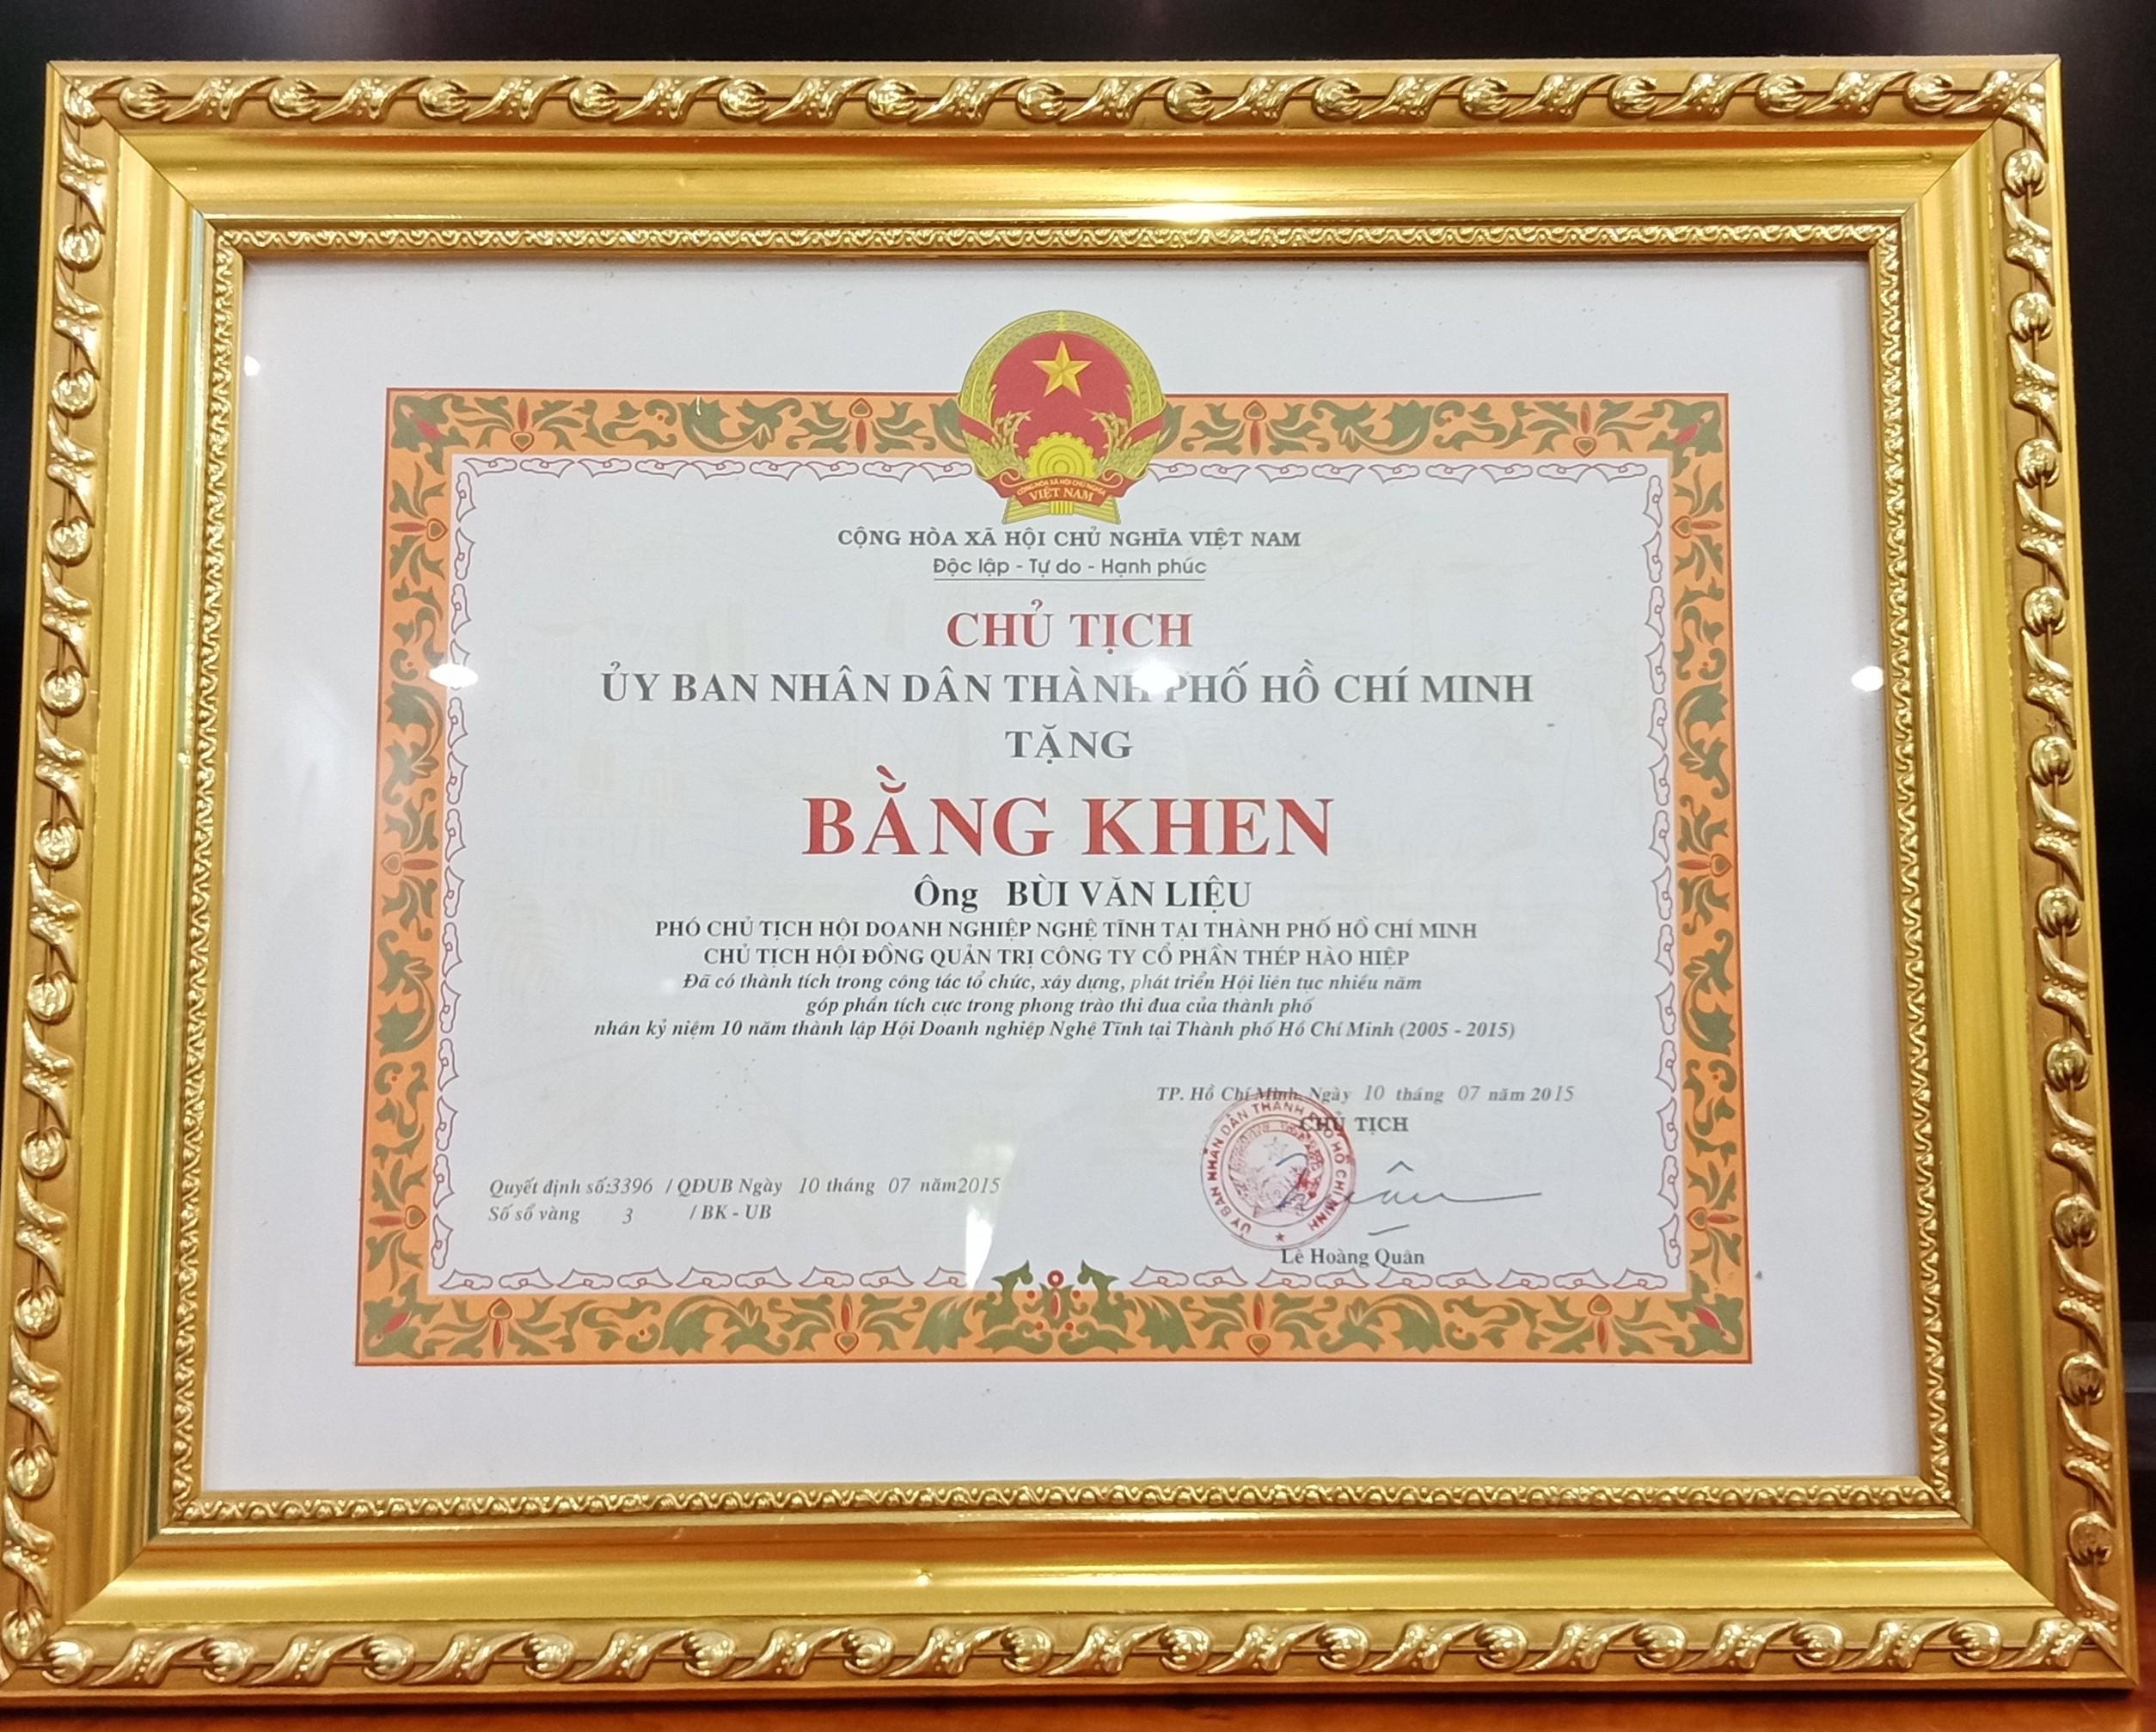 Công ty Hào Hiệp được nhận bằng khen từ UBND TP HCM